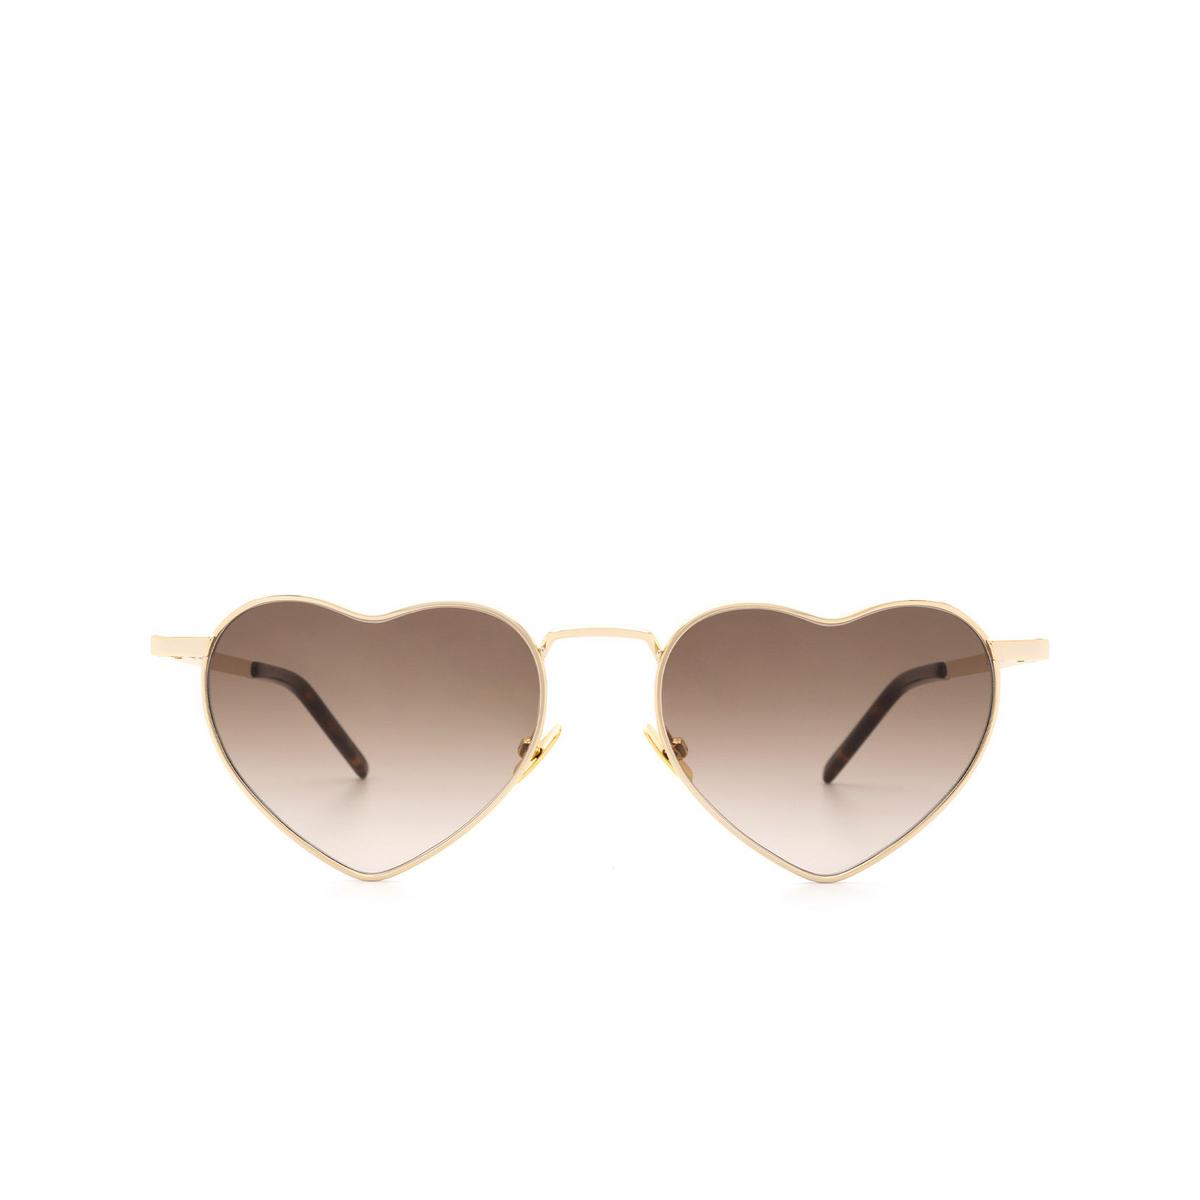 Saint Laurent® Irregular Sunglasses: Loulou SL 301 color Gold 009 - front view.